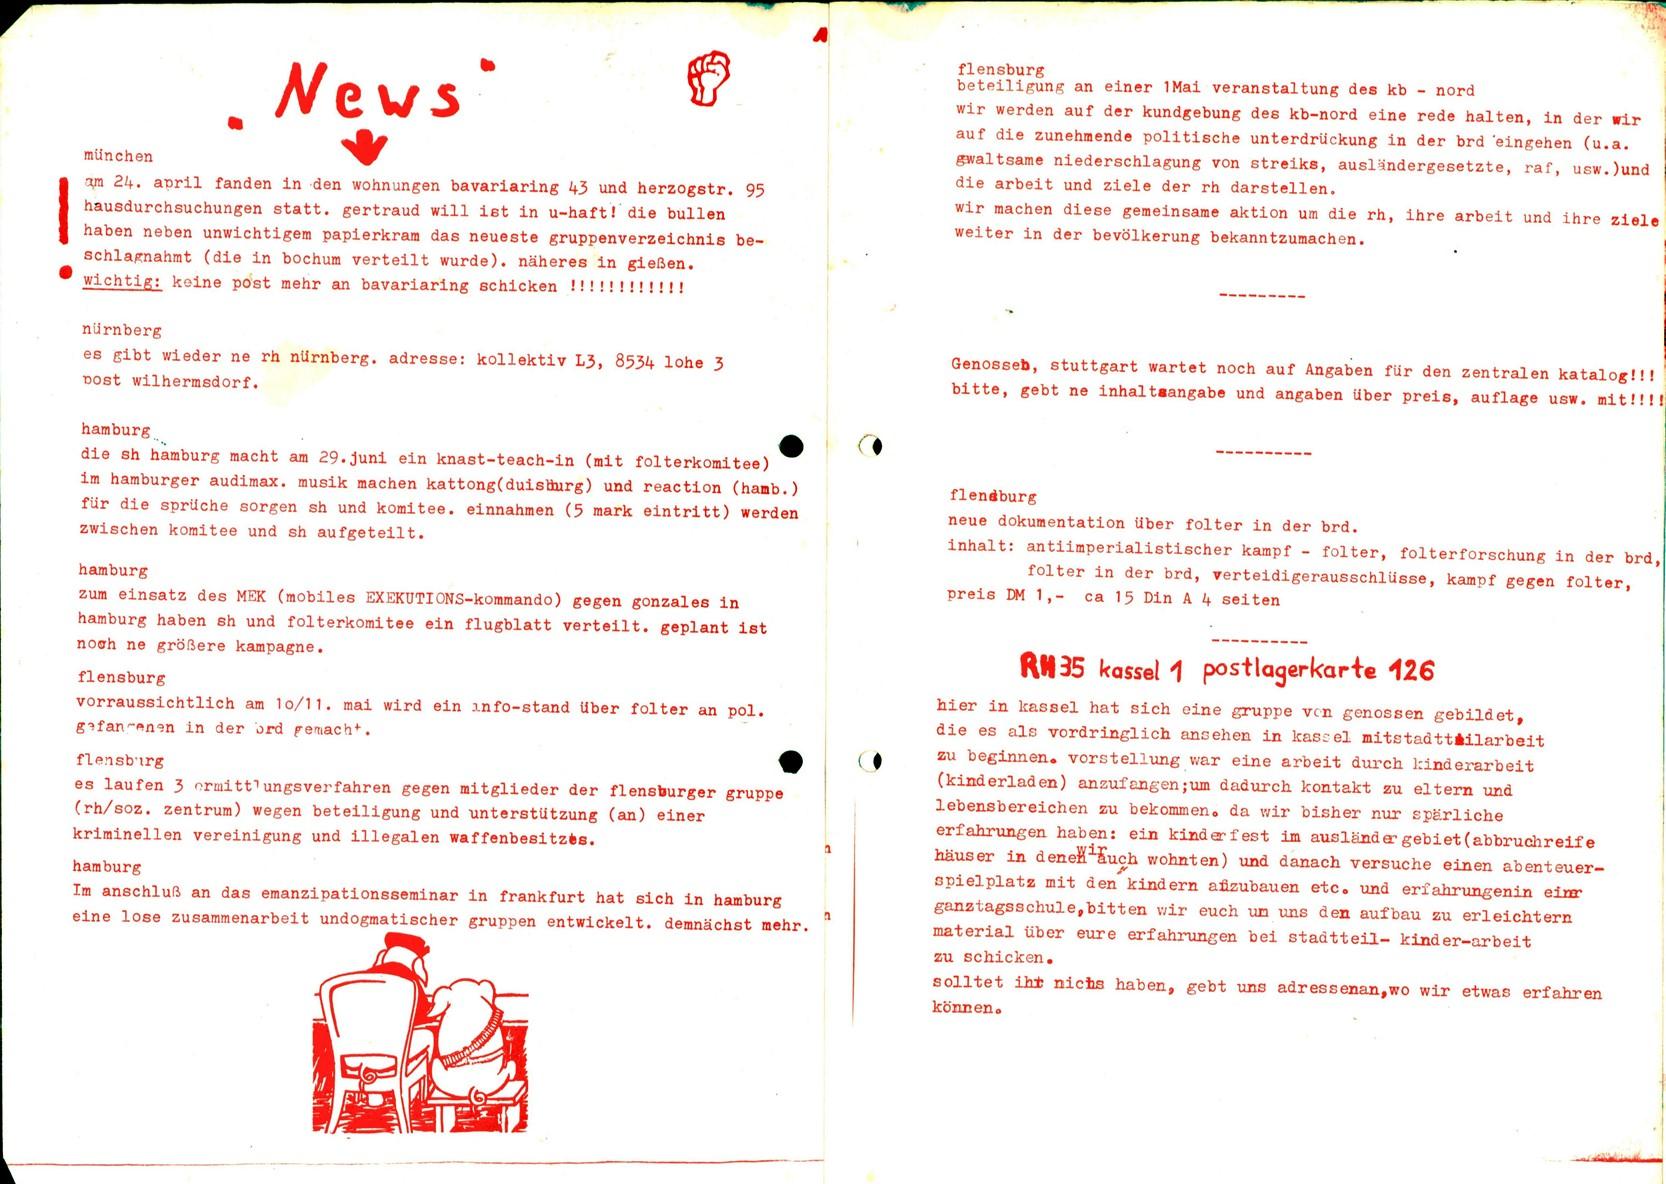 Rote_Hilfe_Info_der_RH_SK_SH_Gruppen_1974_01_02